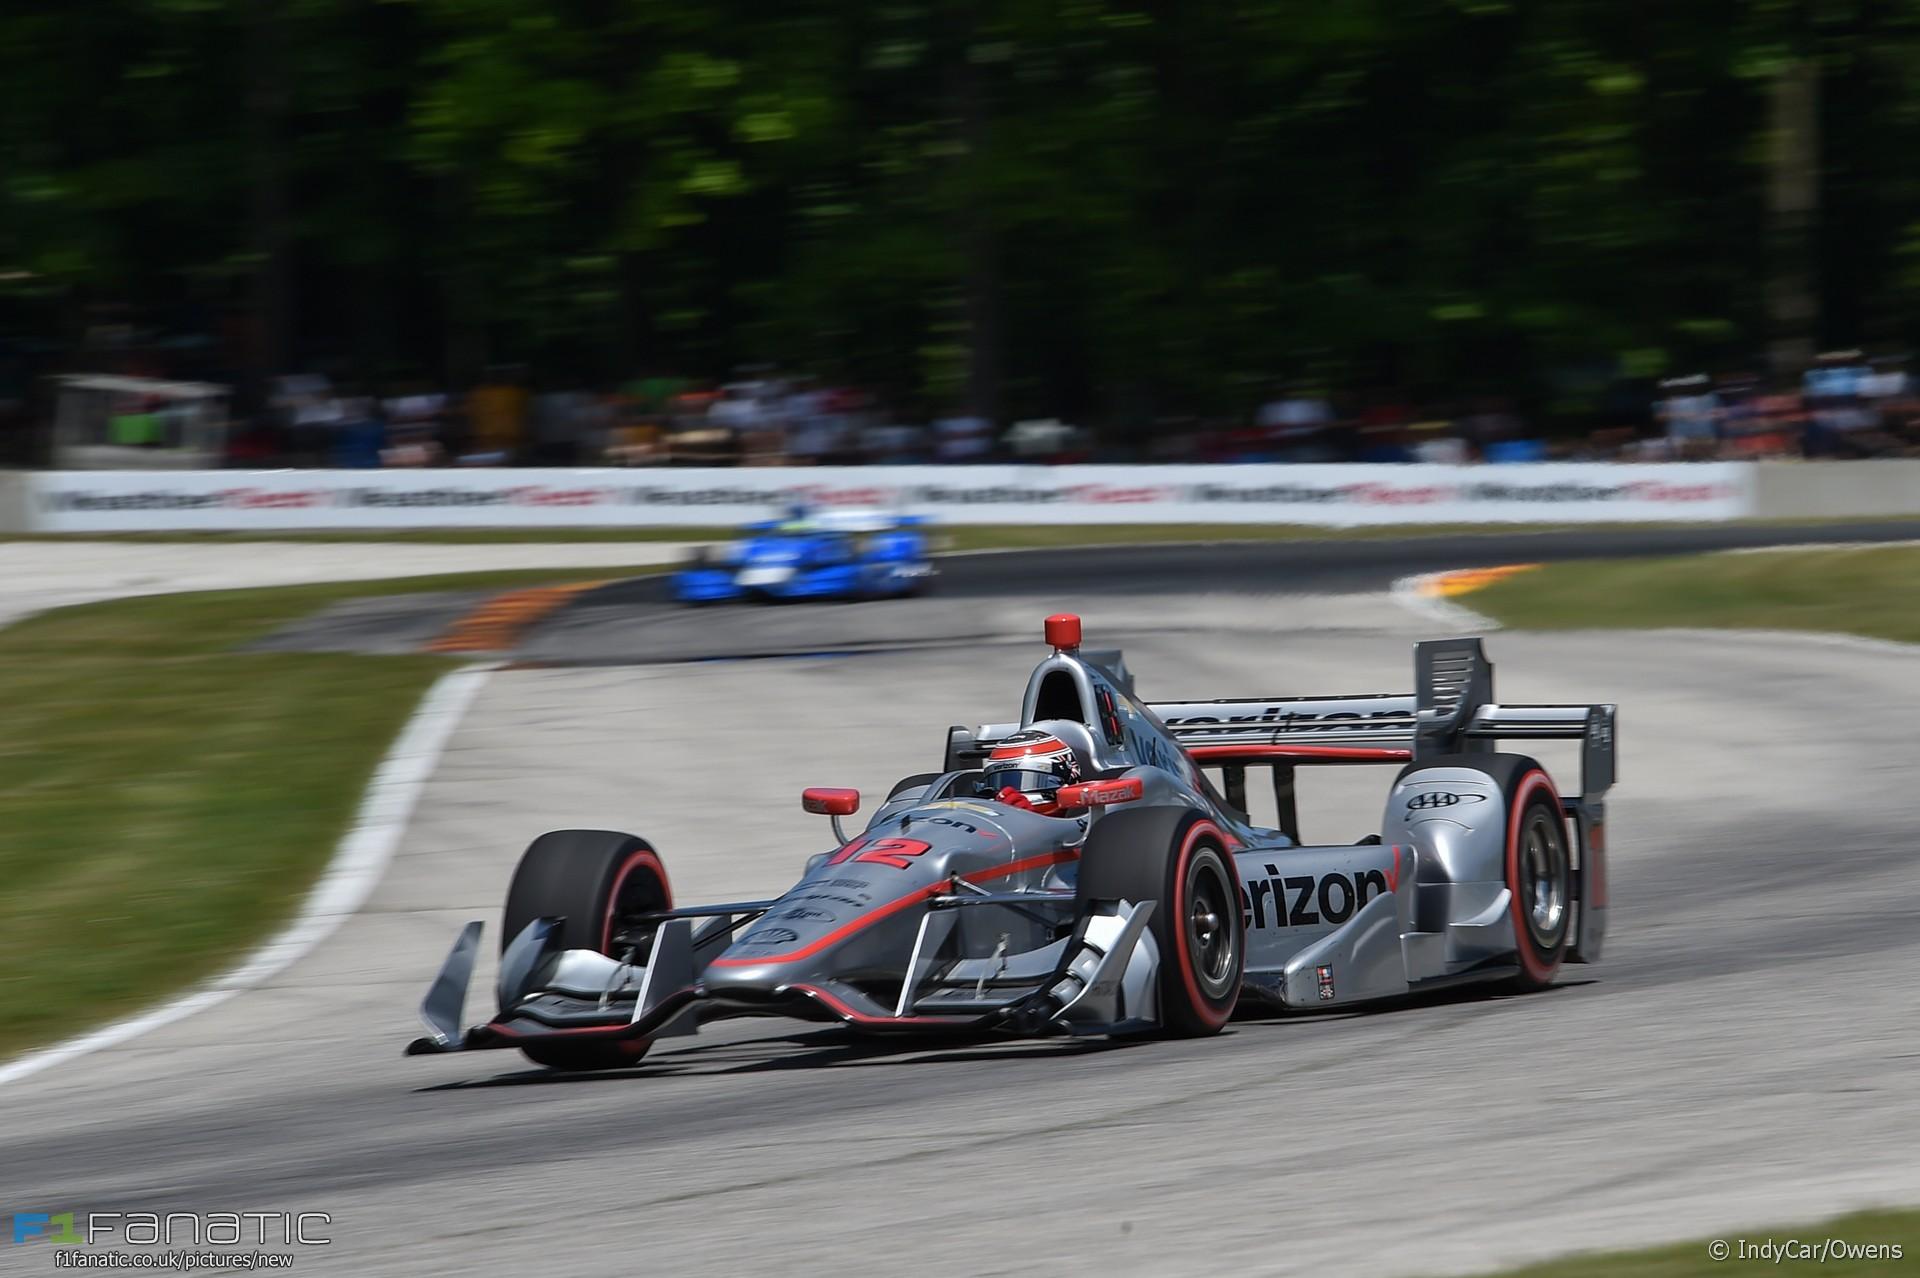 grandstand finish for indycar s road america return weekend racing wrap formula 1 news. Black Bedroom Furniture Sets. Home Design Ideas